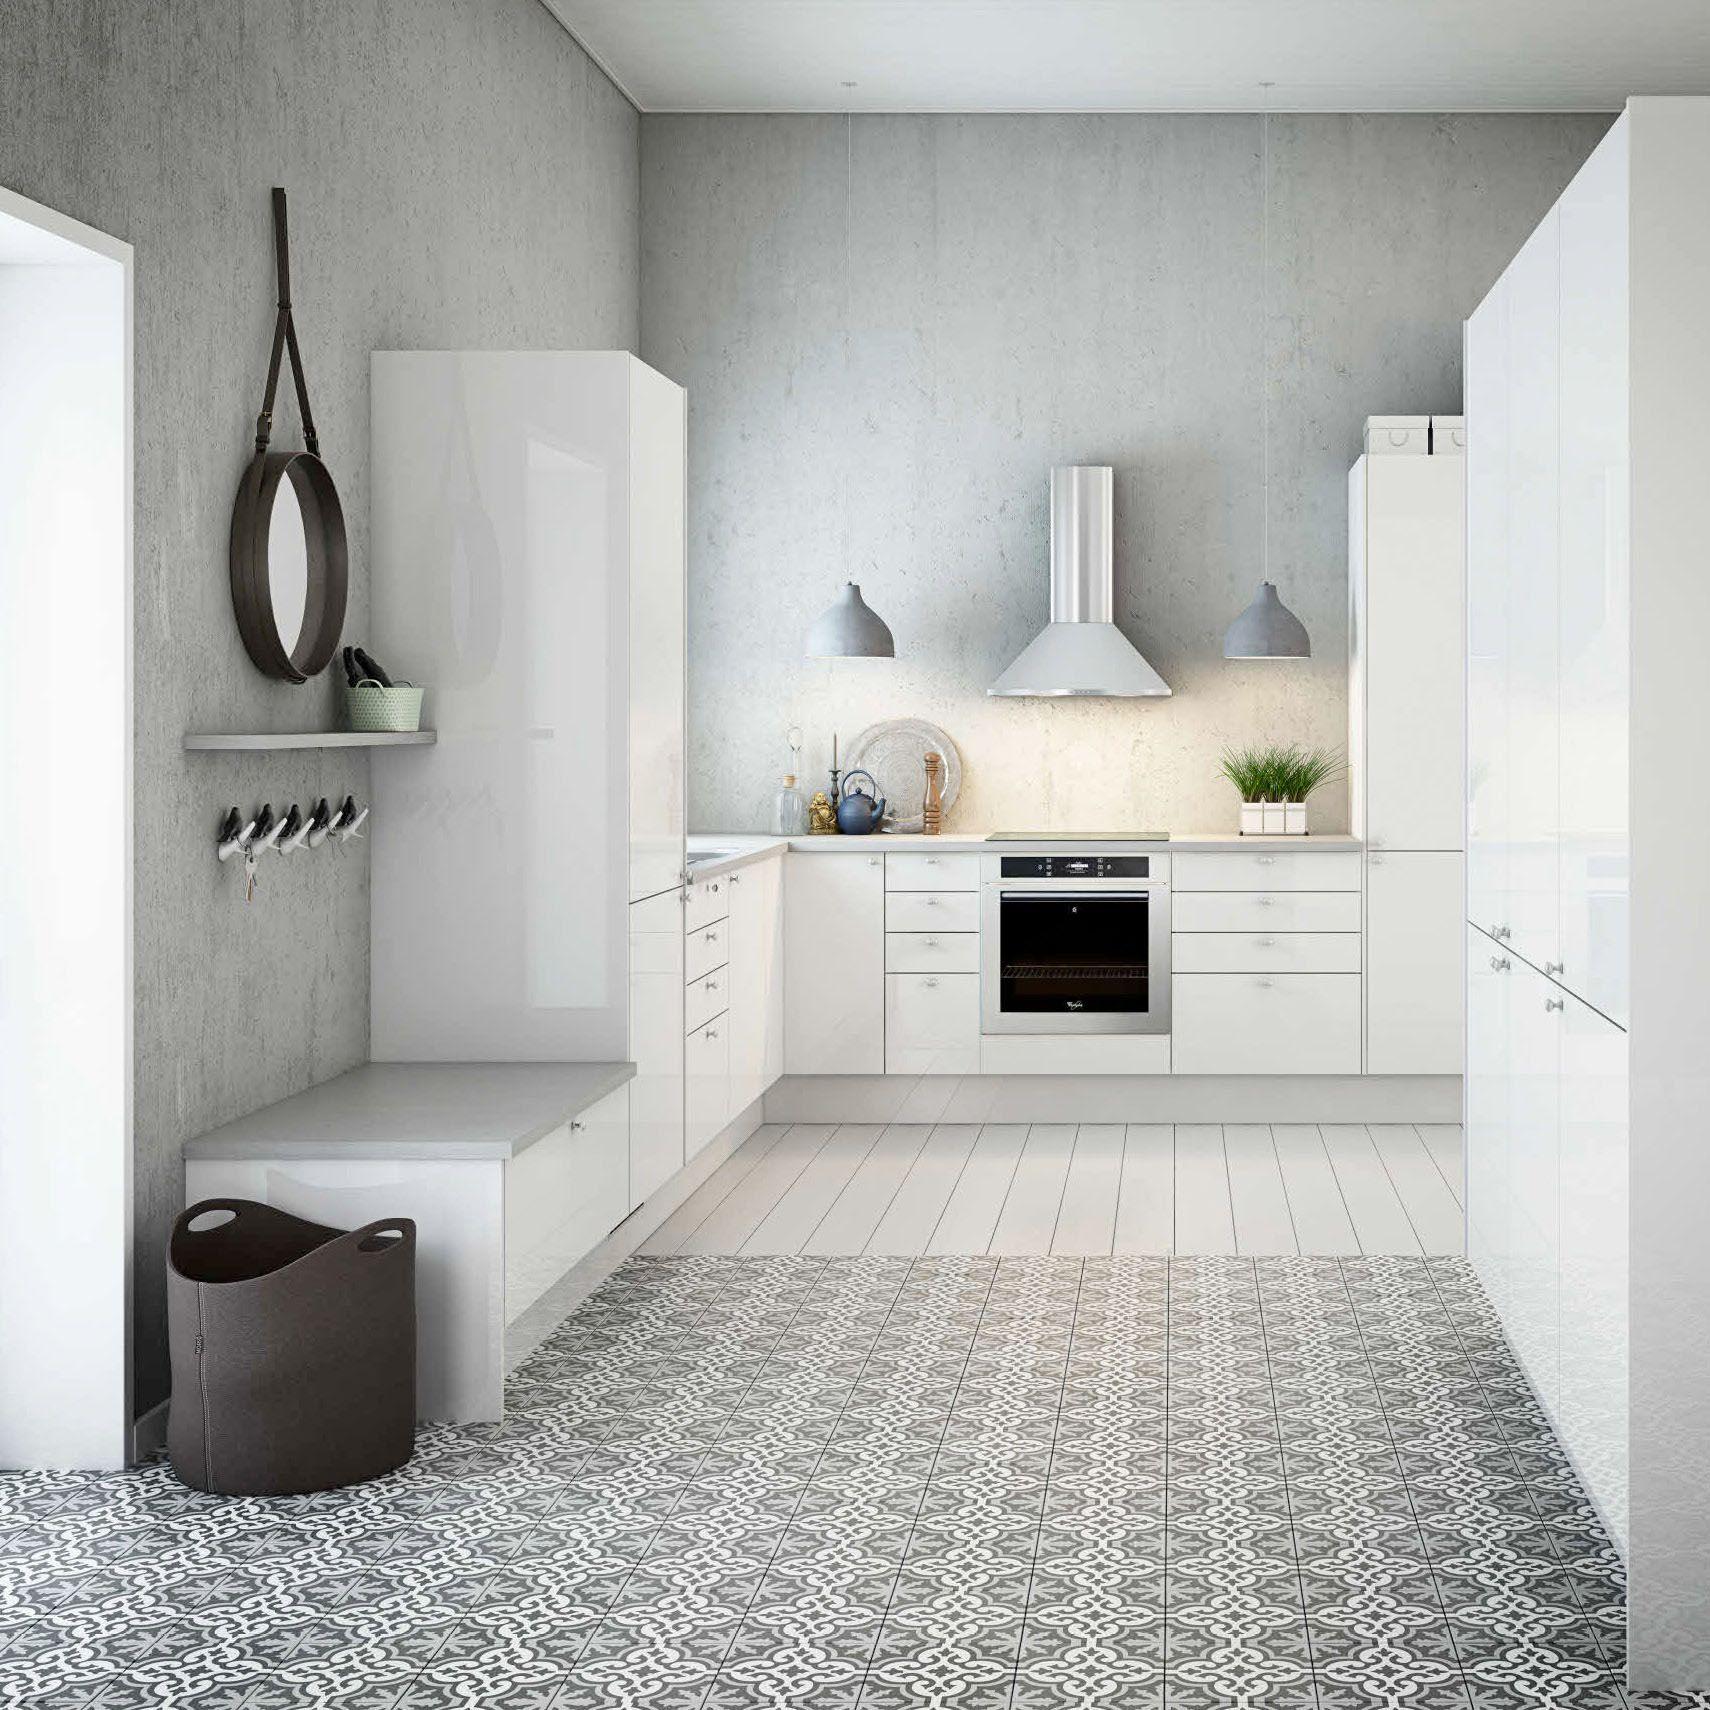 cementtegels en keramische patroontegels vind je bij top tegel 04